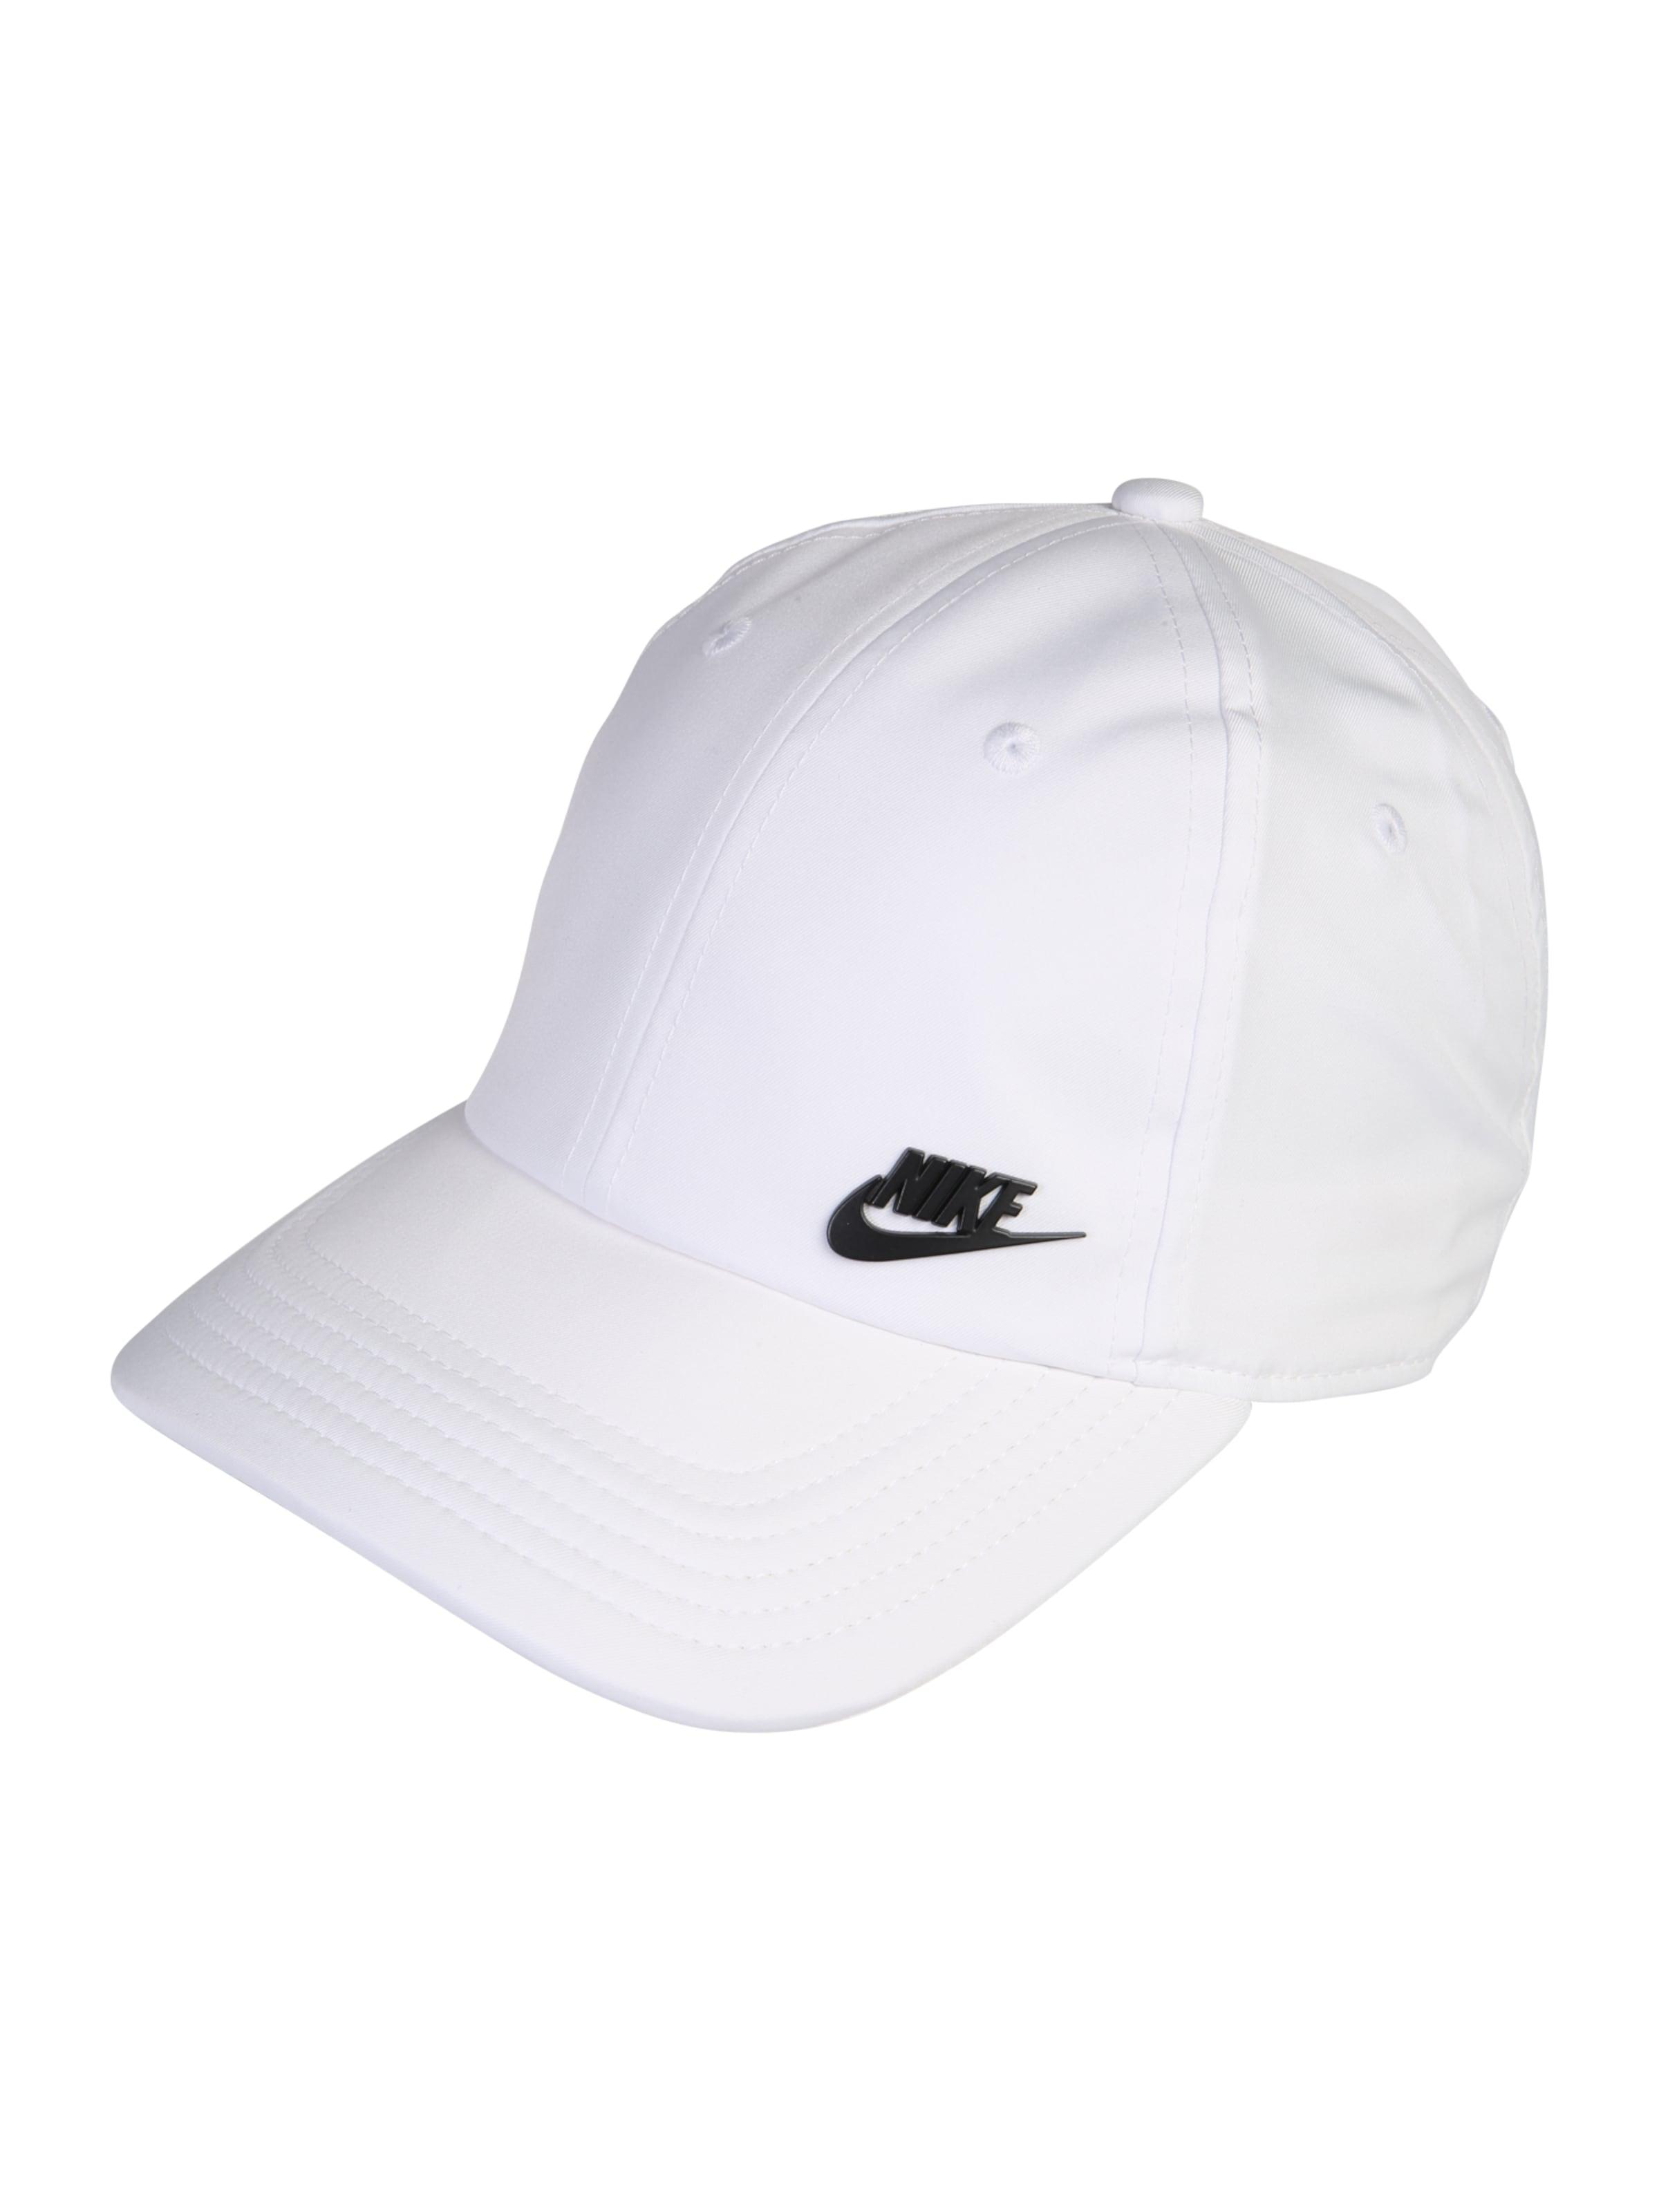 In Pet Pet Nike Nike Sportswear Sportswear Wit Wit In yb6gf7